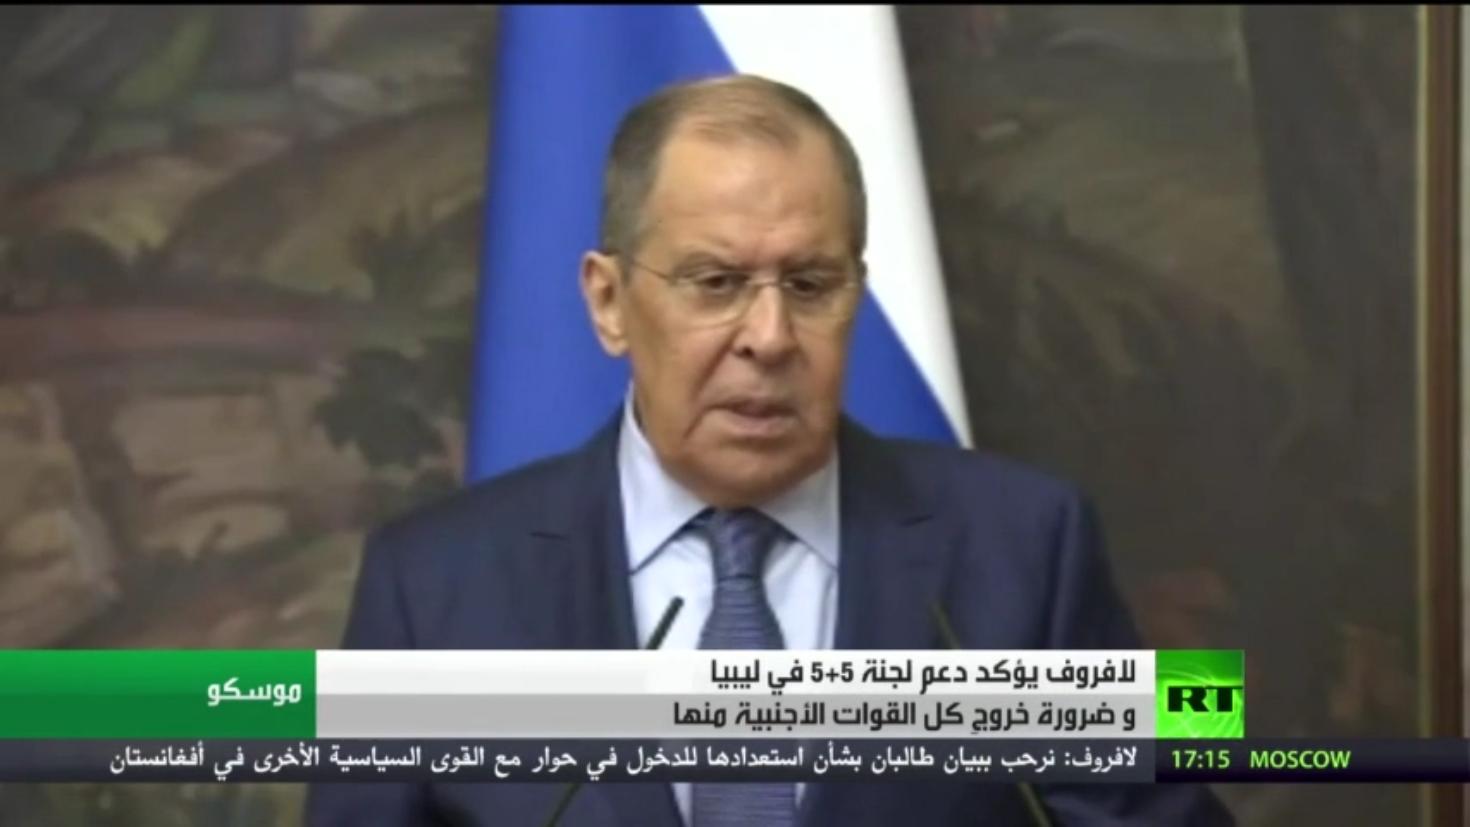 لافروف يؤكد دعم لجنة 5+5 في ليبيا